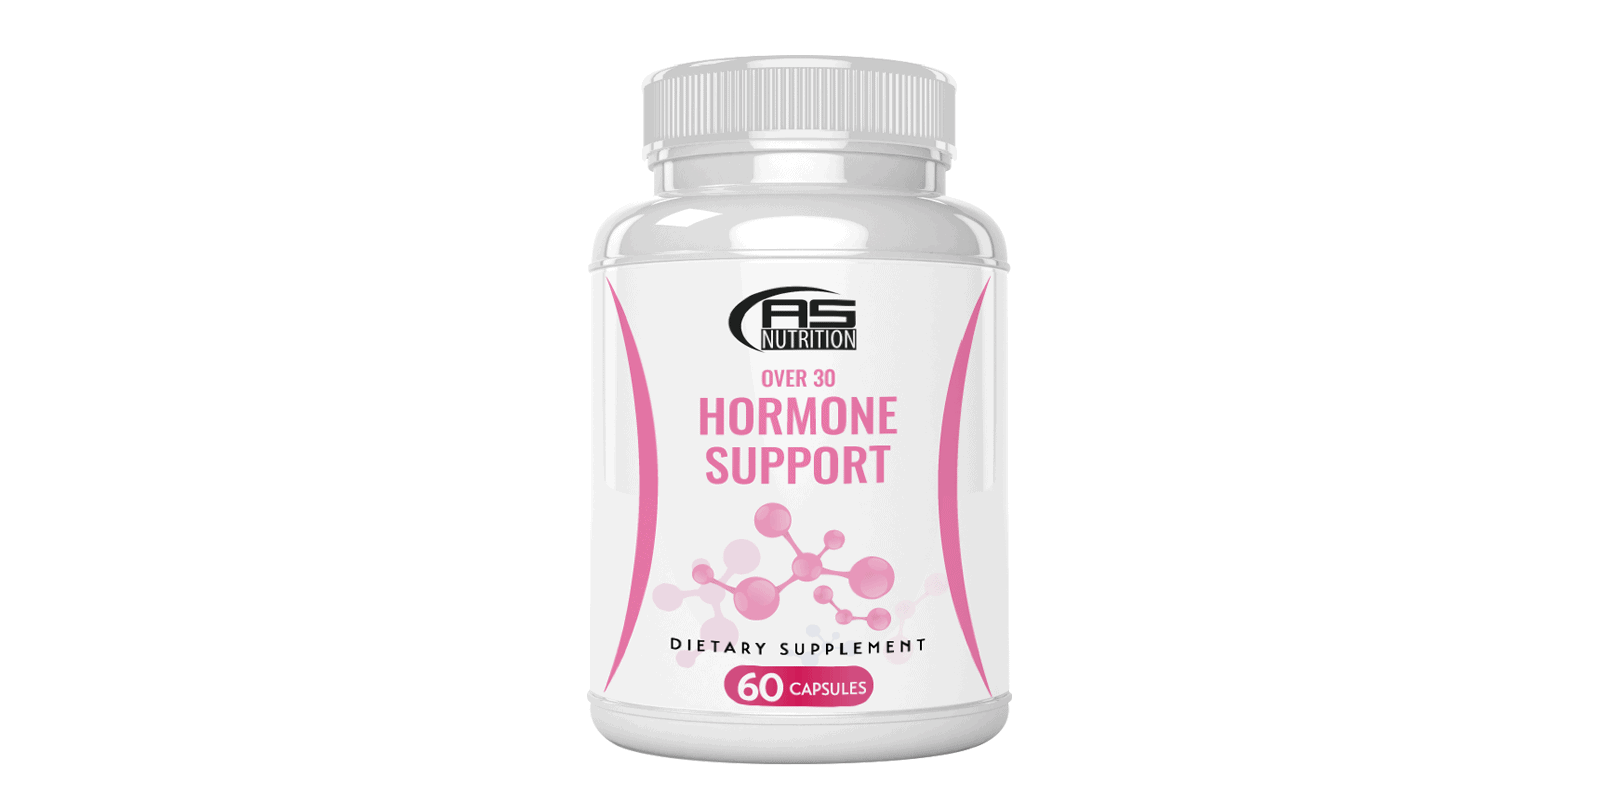 Over 30 Hormone Solution reviews